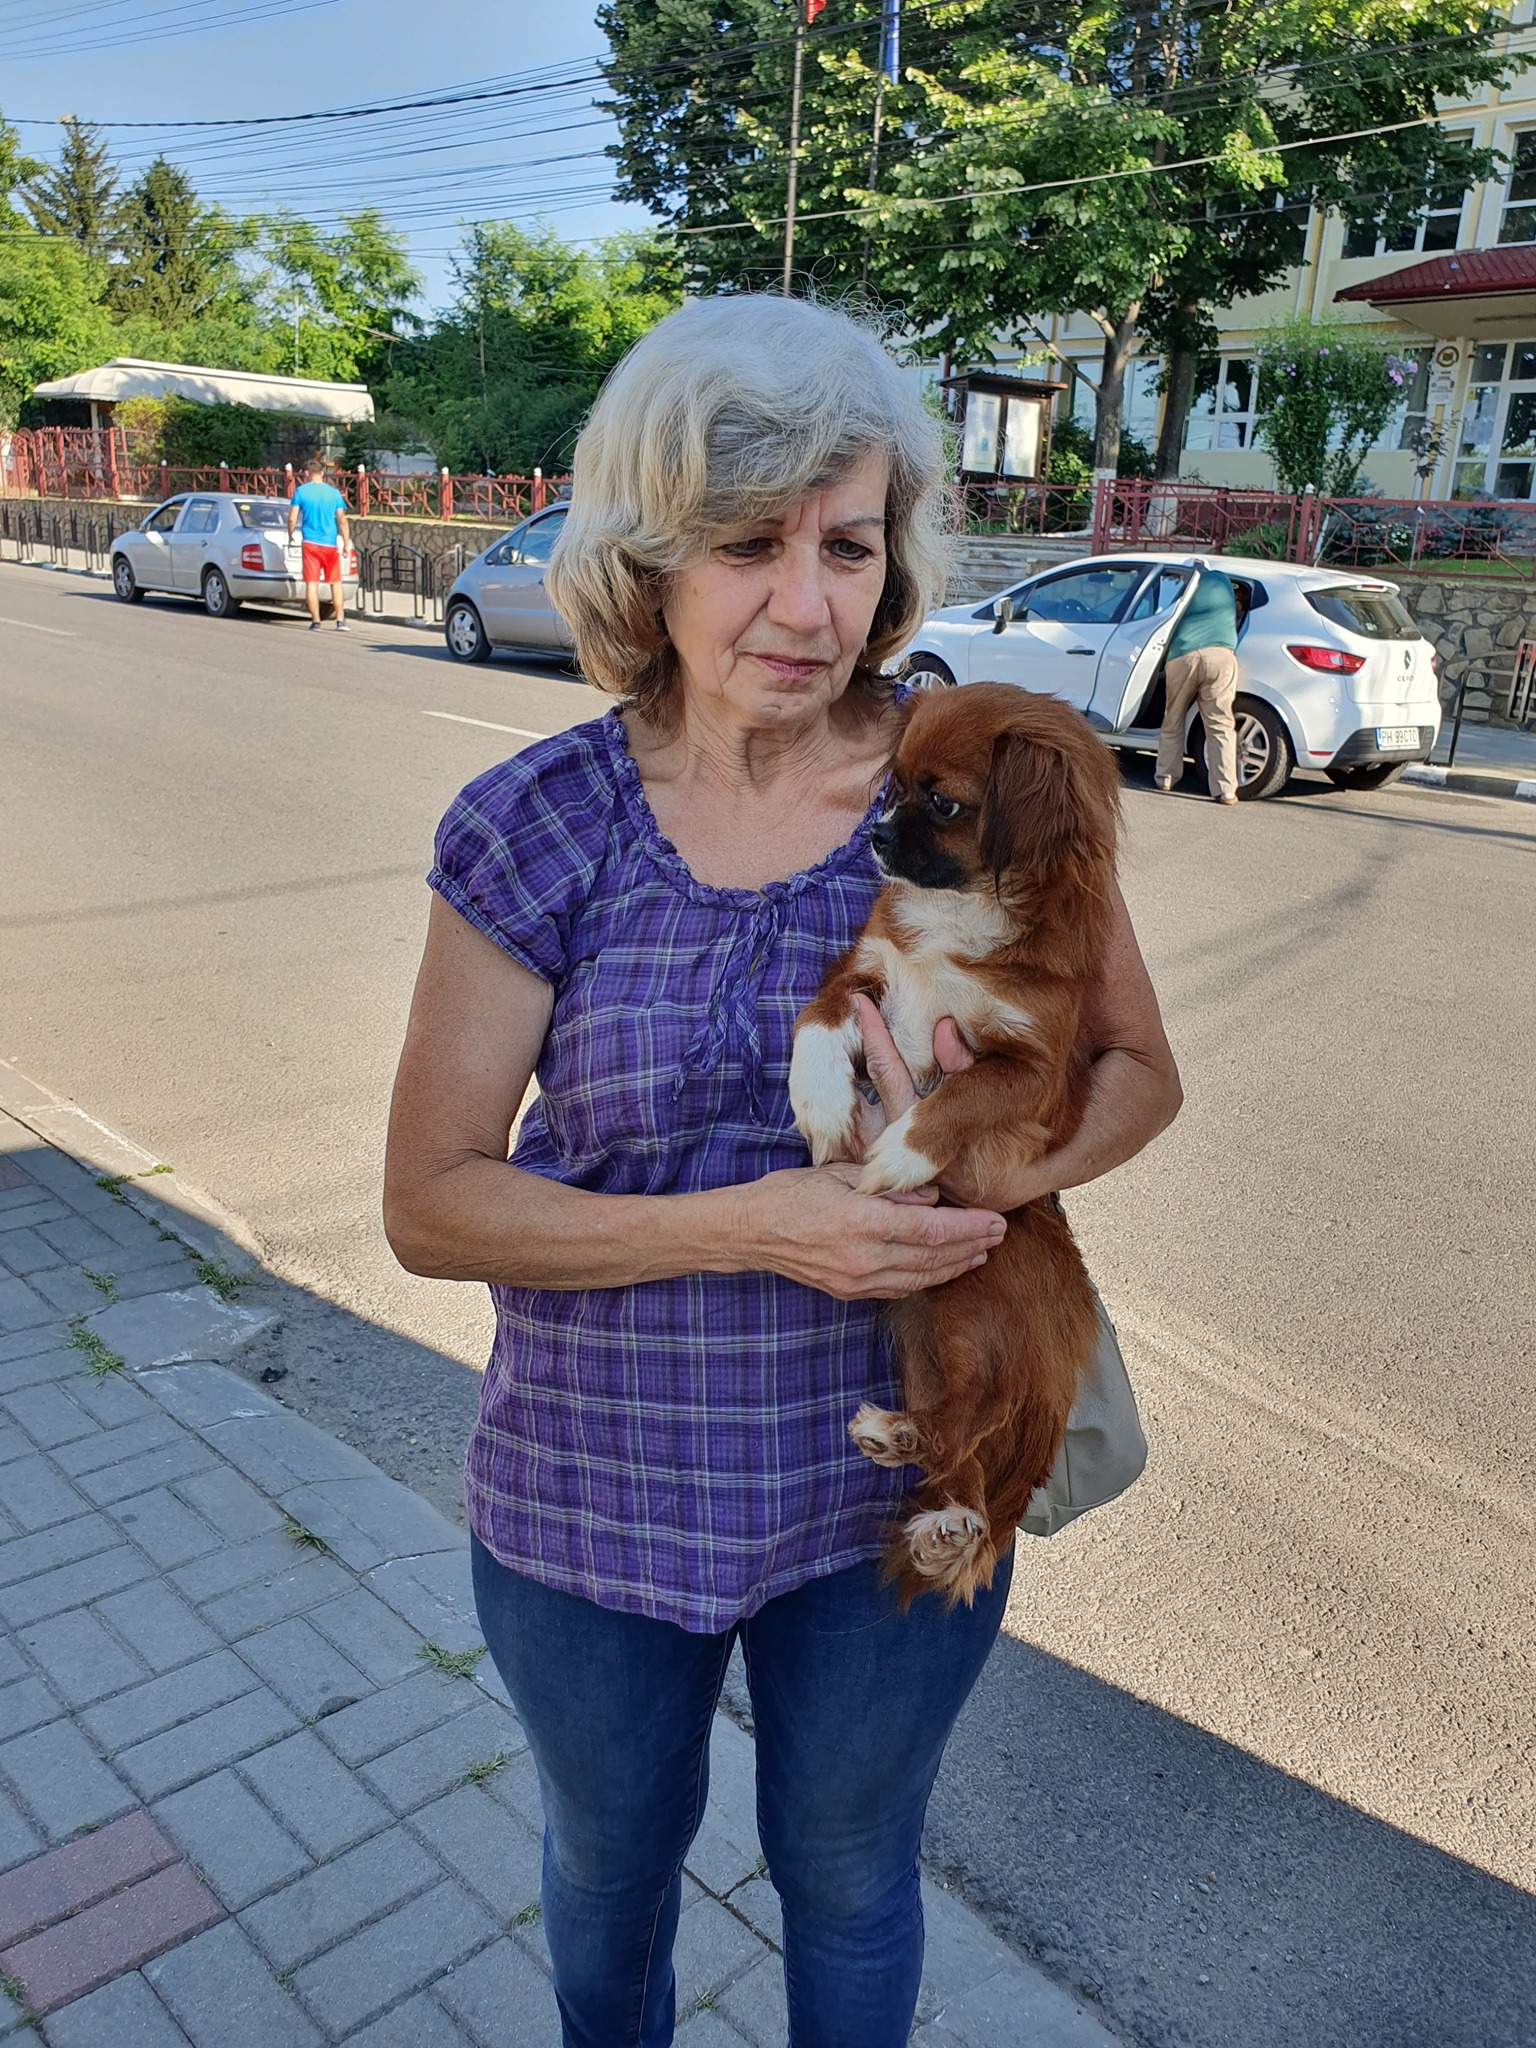 Campanie de sterilizare pisici și câini- Câmpina- câinele cuminte adus în brațe de stăpână